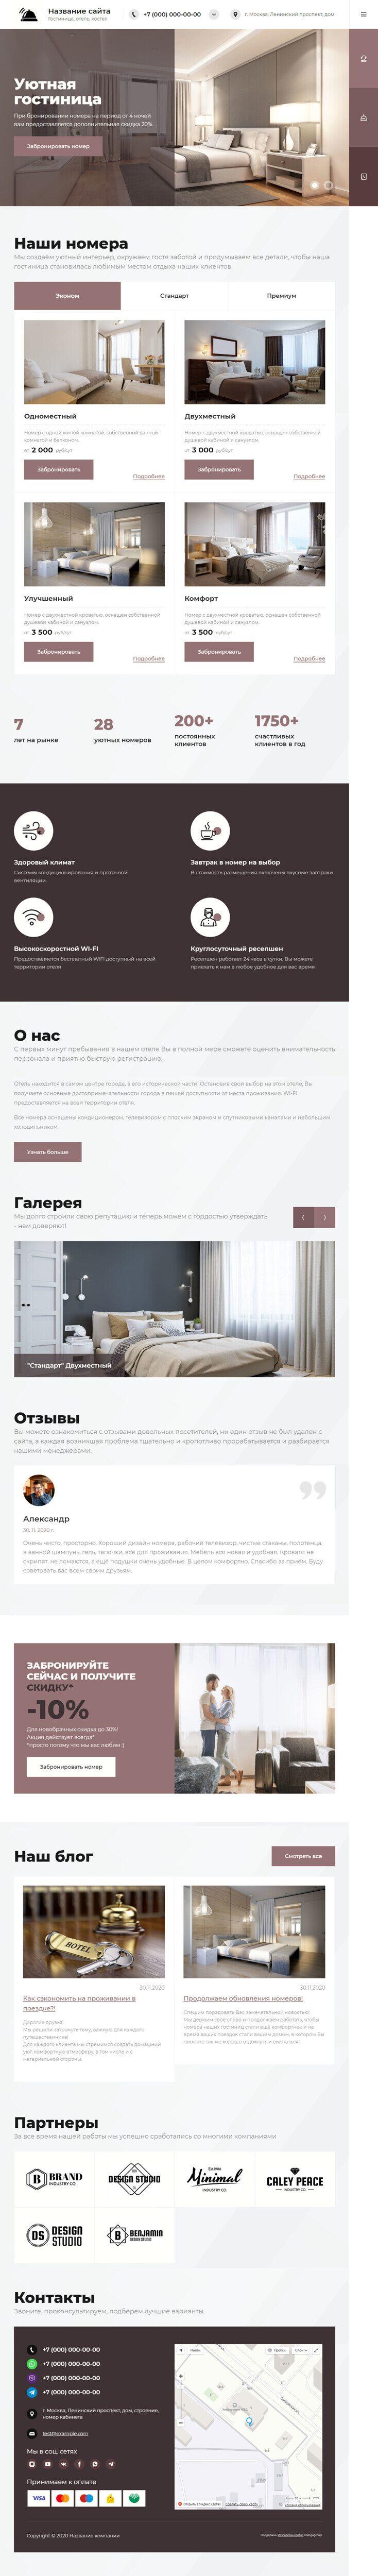 Готовый Сайт-Бизнес #2911304 - Гостиницы, отели, хостелы (Главная 1)